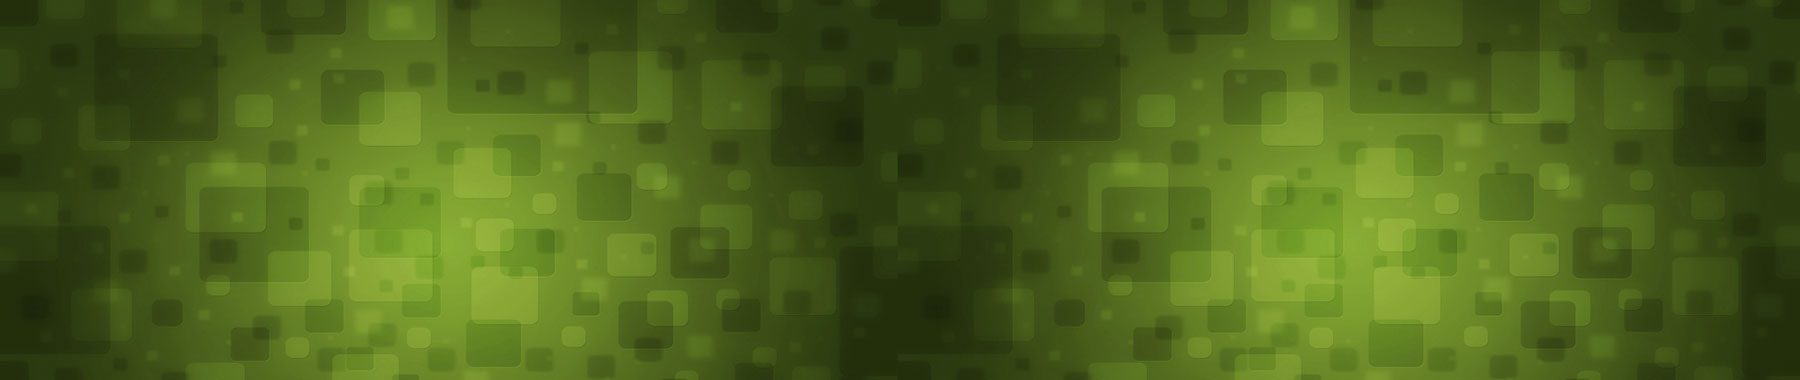 green-slide-bknd